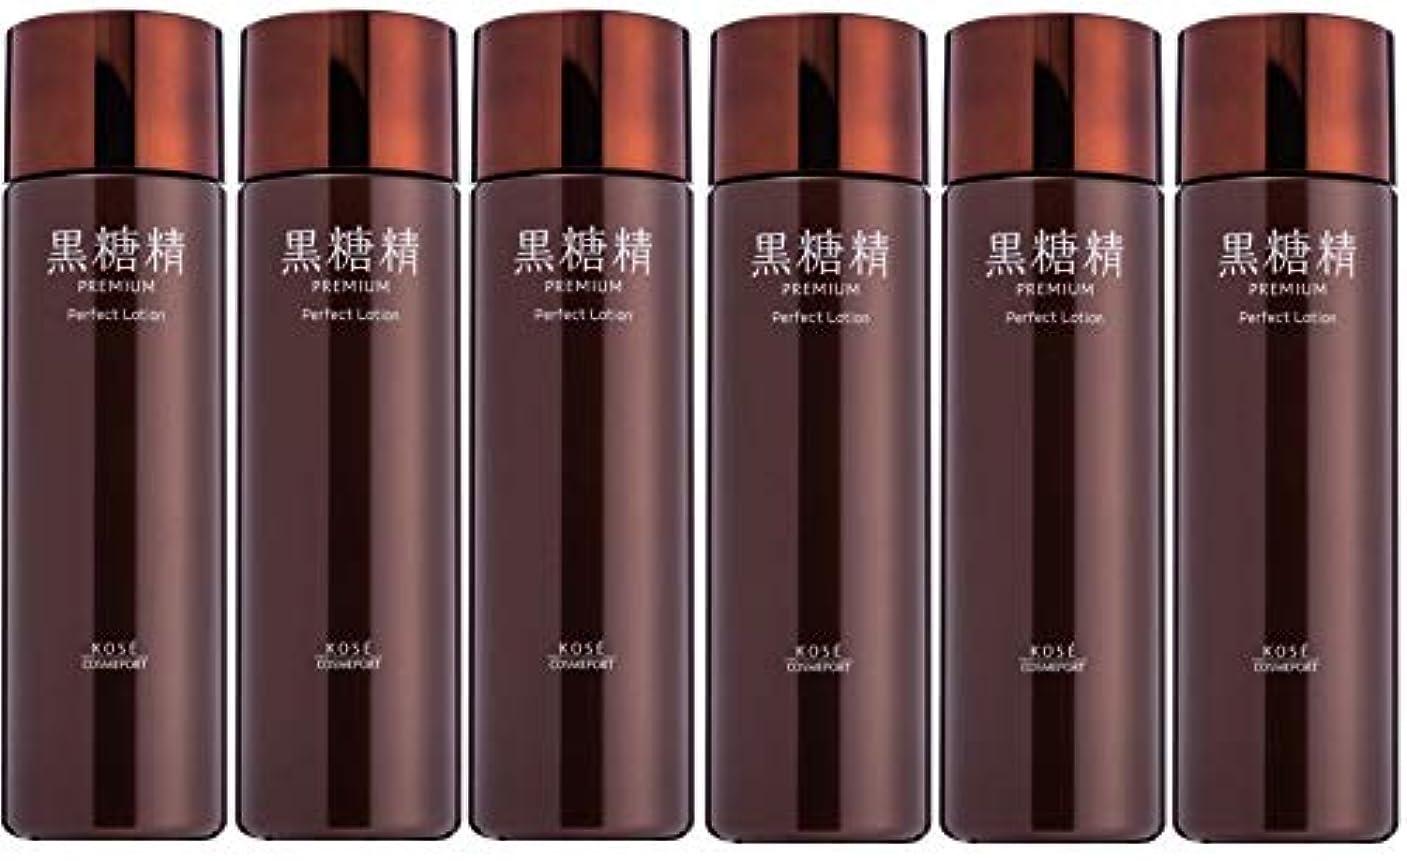 ワークショップ機械的広範囲KOSE 黒糖精 プレミアム パーフェクトエッセンス 45mL X6個セット